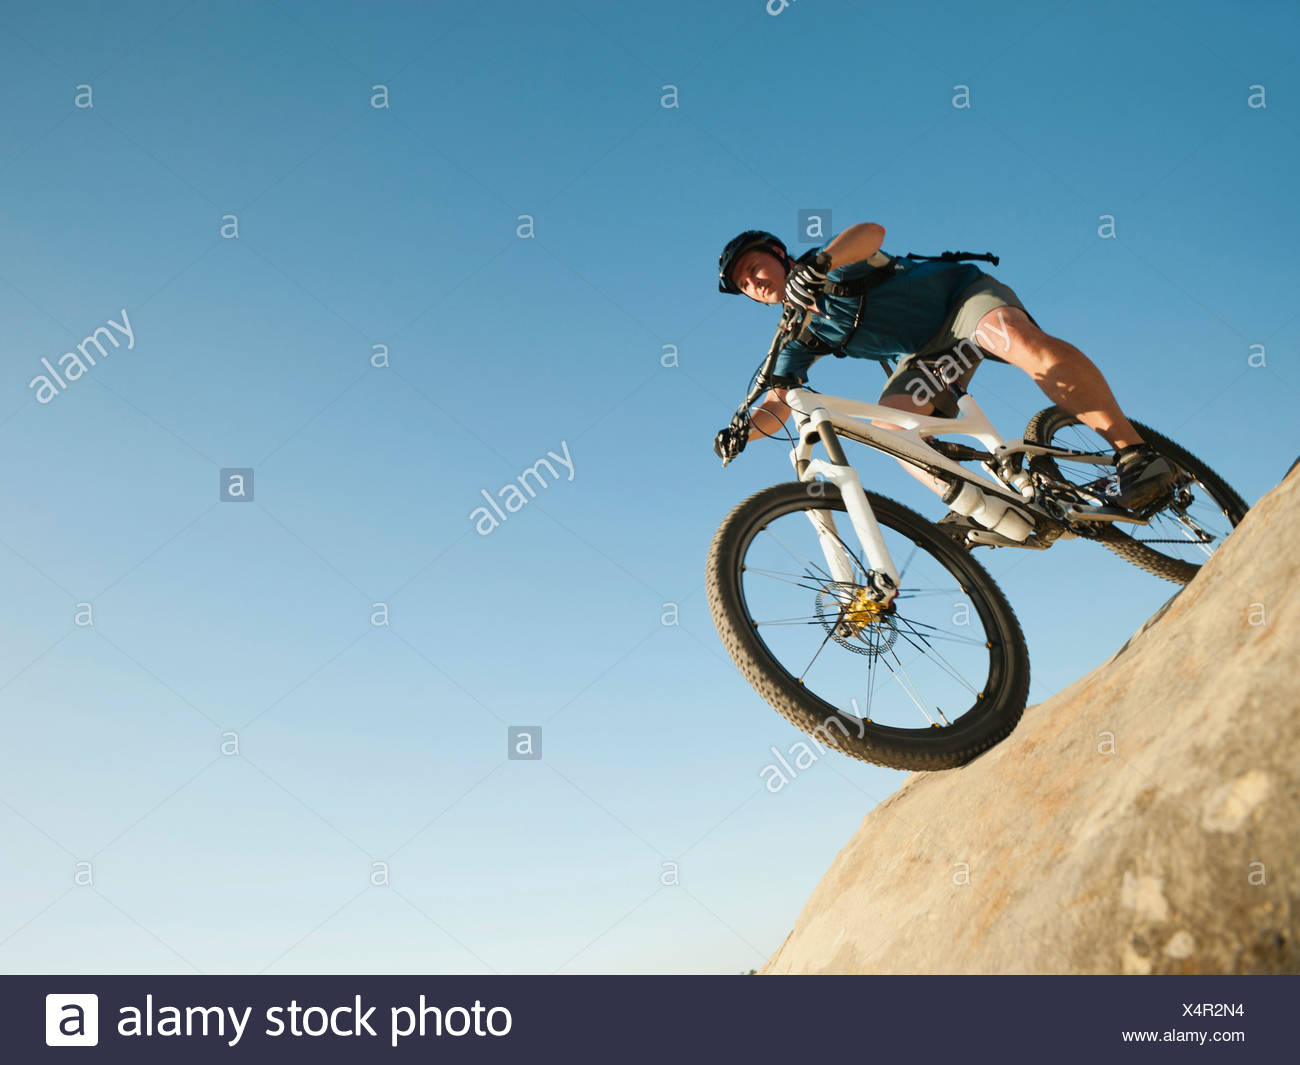 USA,California,Laguna Beach,vélo de montagne équitation ski Banque D'Images